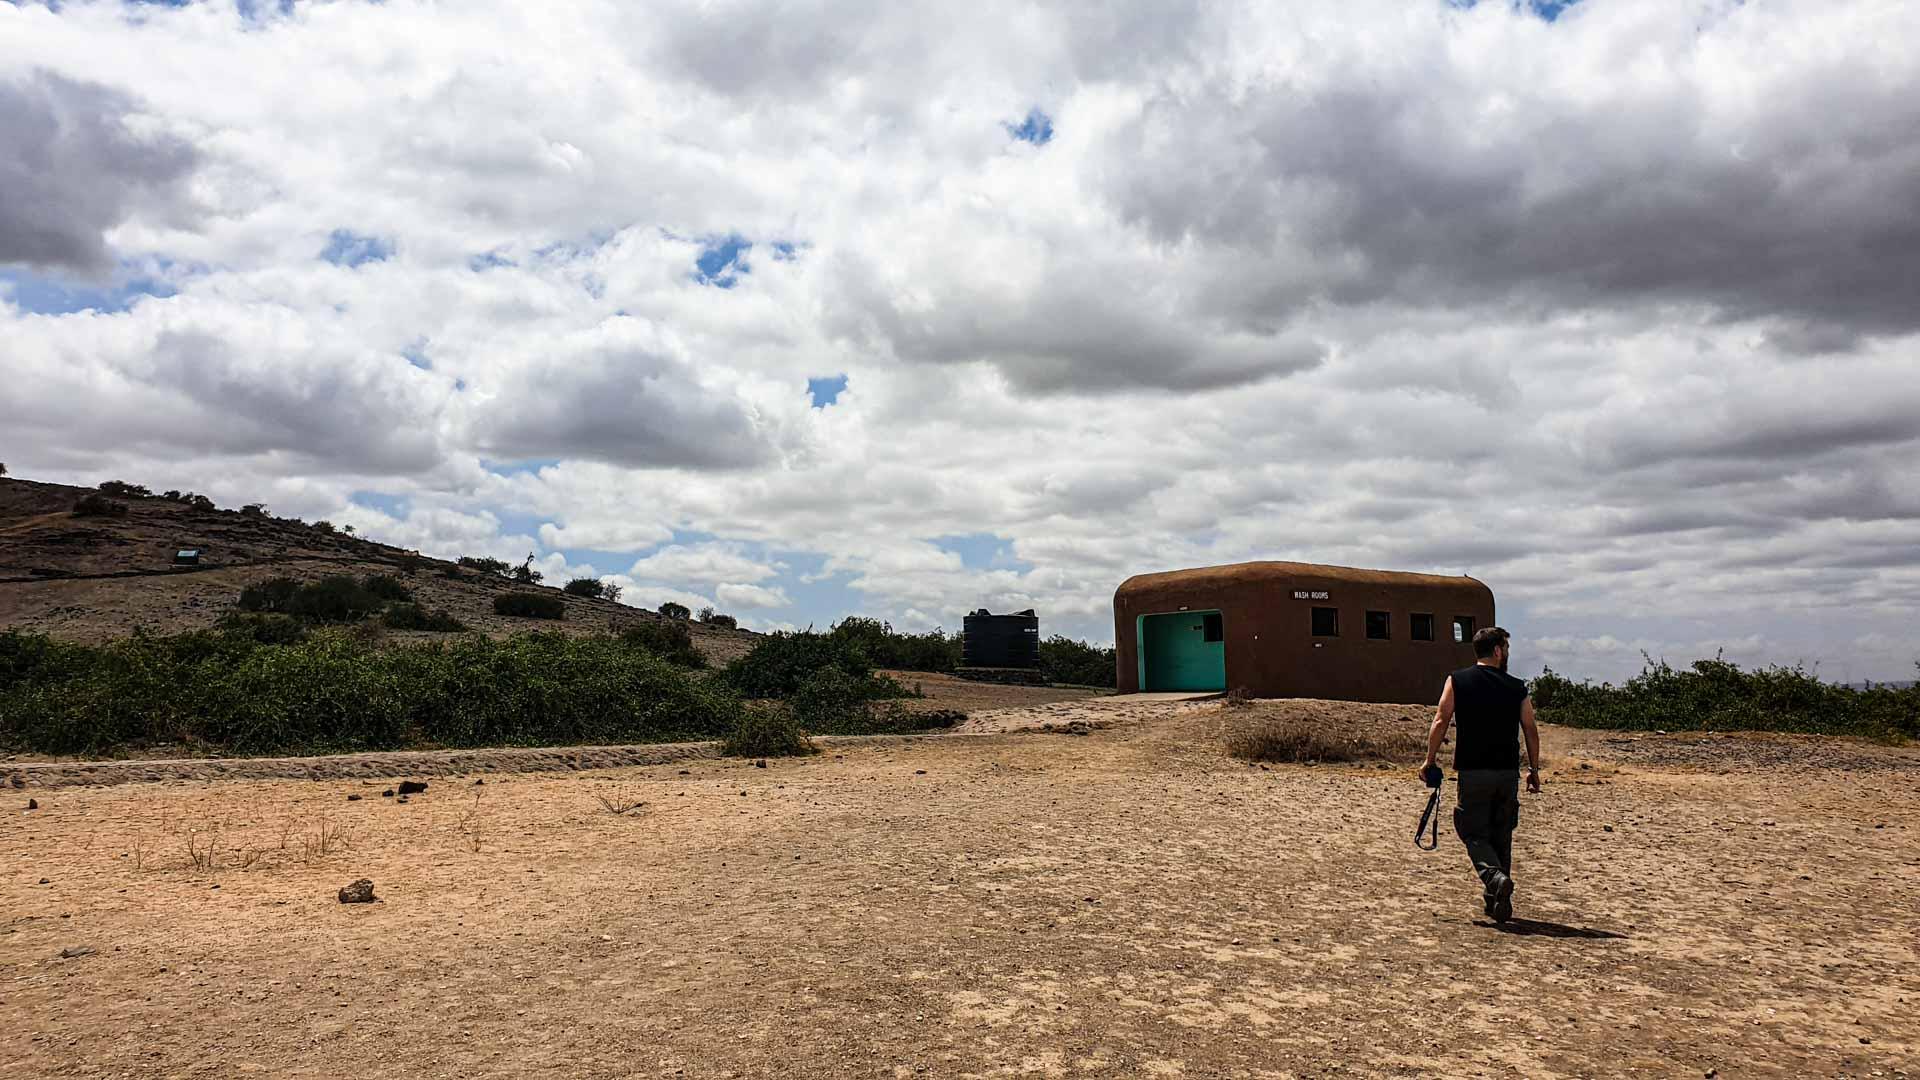 Llegamos a Noomotio, un mirador en Amboseli, Kenia